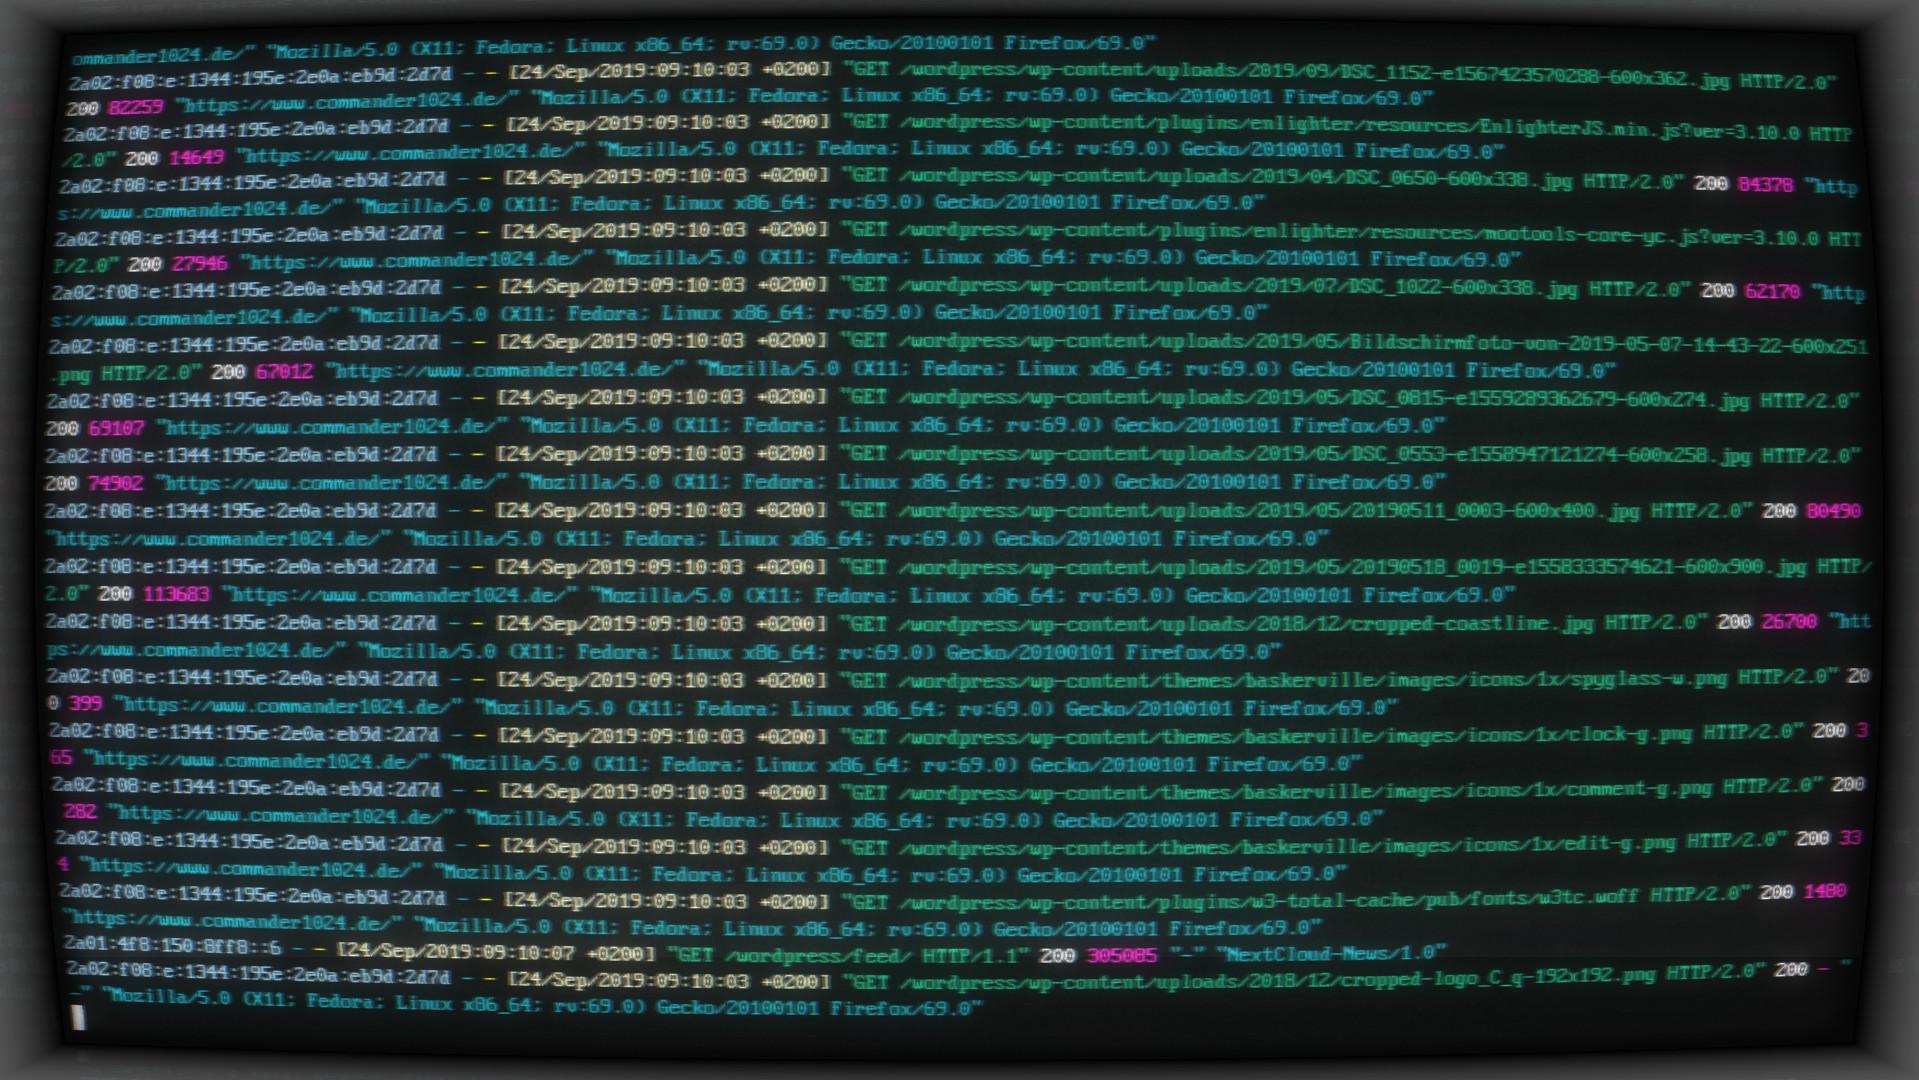 Apache2 Webserver liefert diese Webseite aus